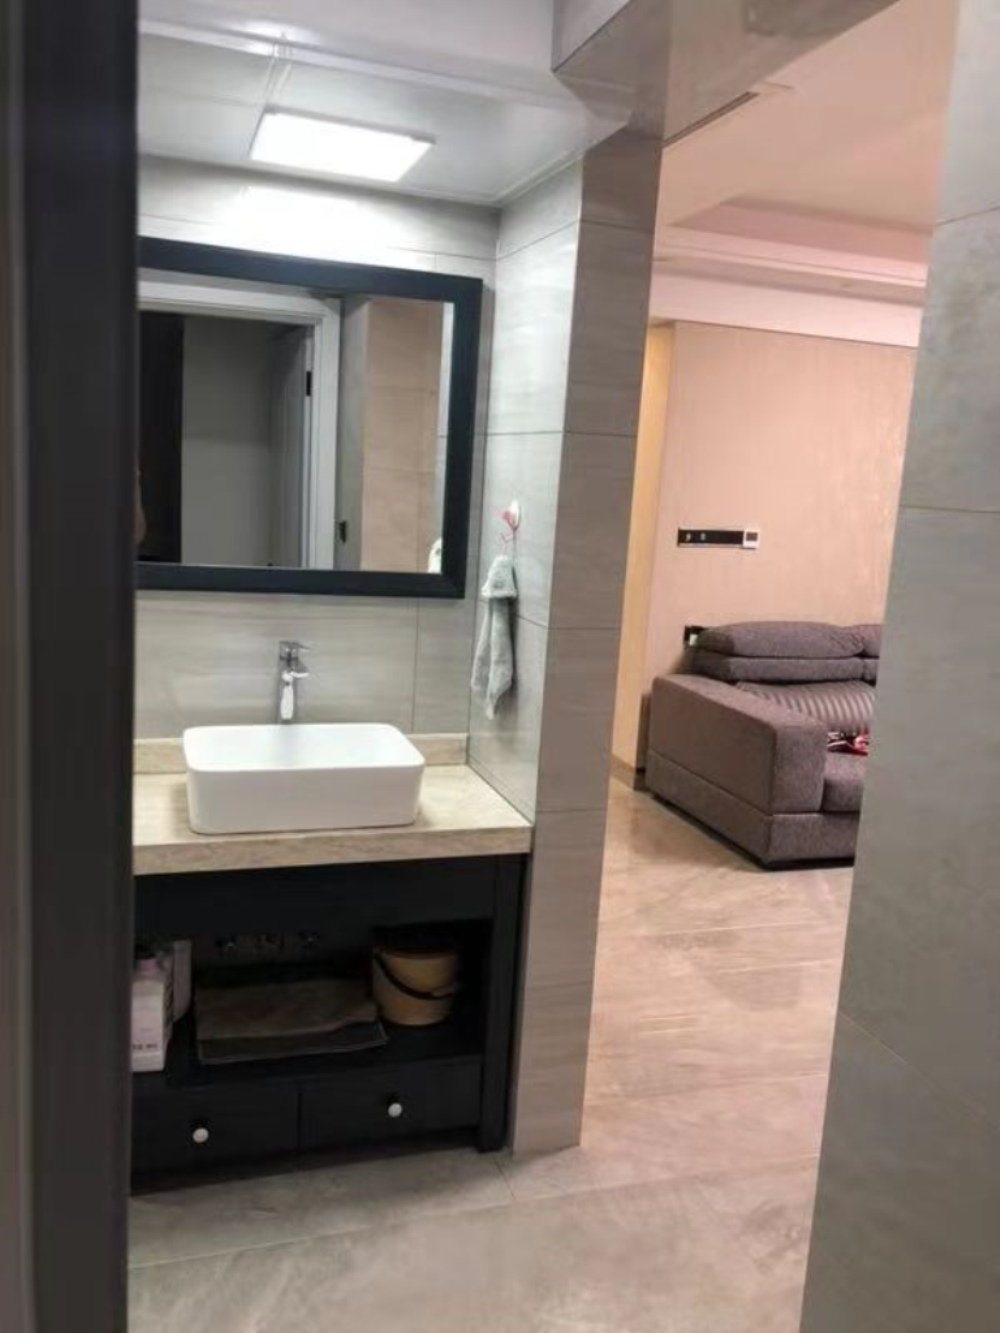 蓝溪国际水晶城3室2厅2卫160万元